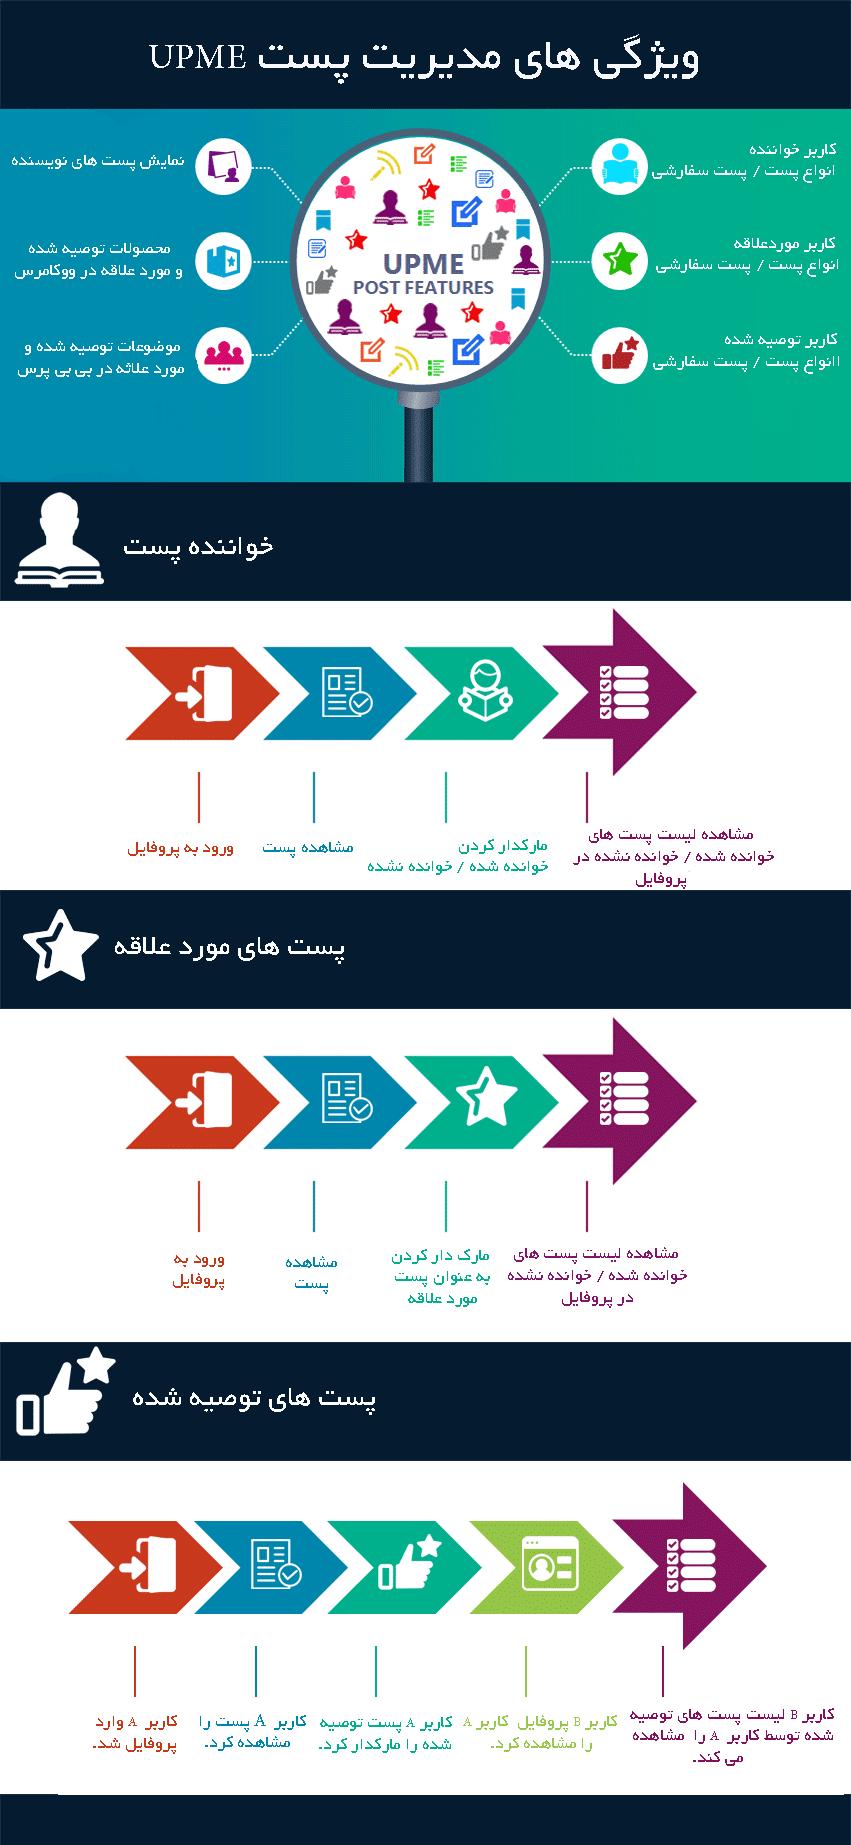 ویژگی های مدیریت نوشته